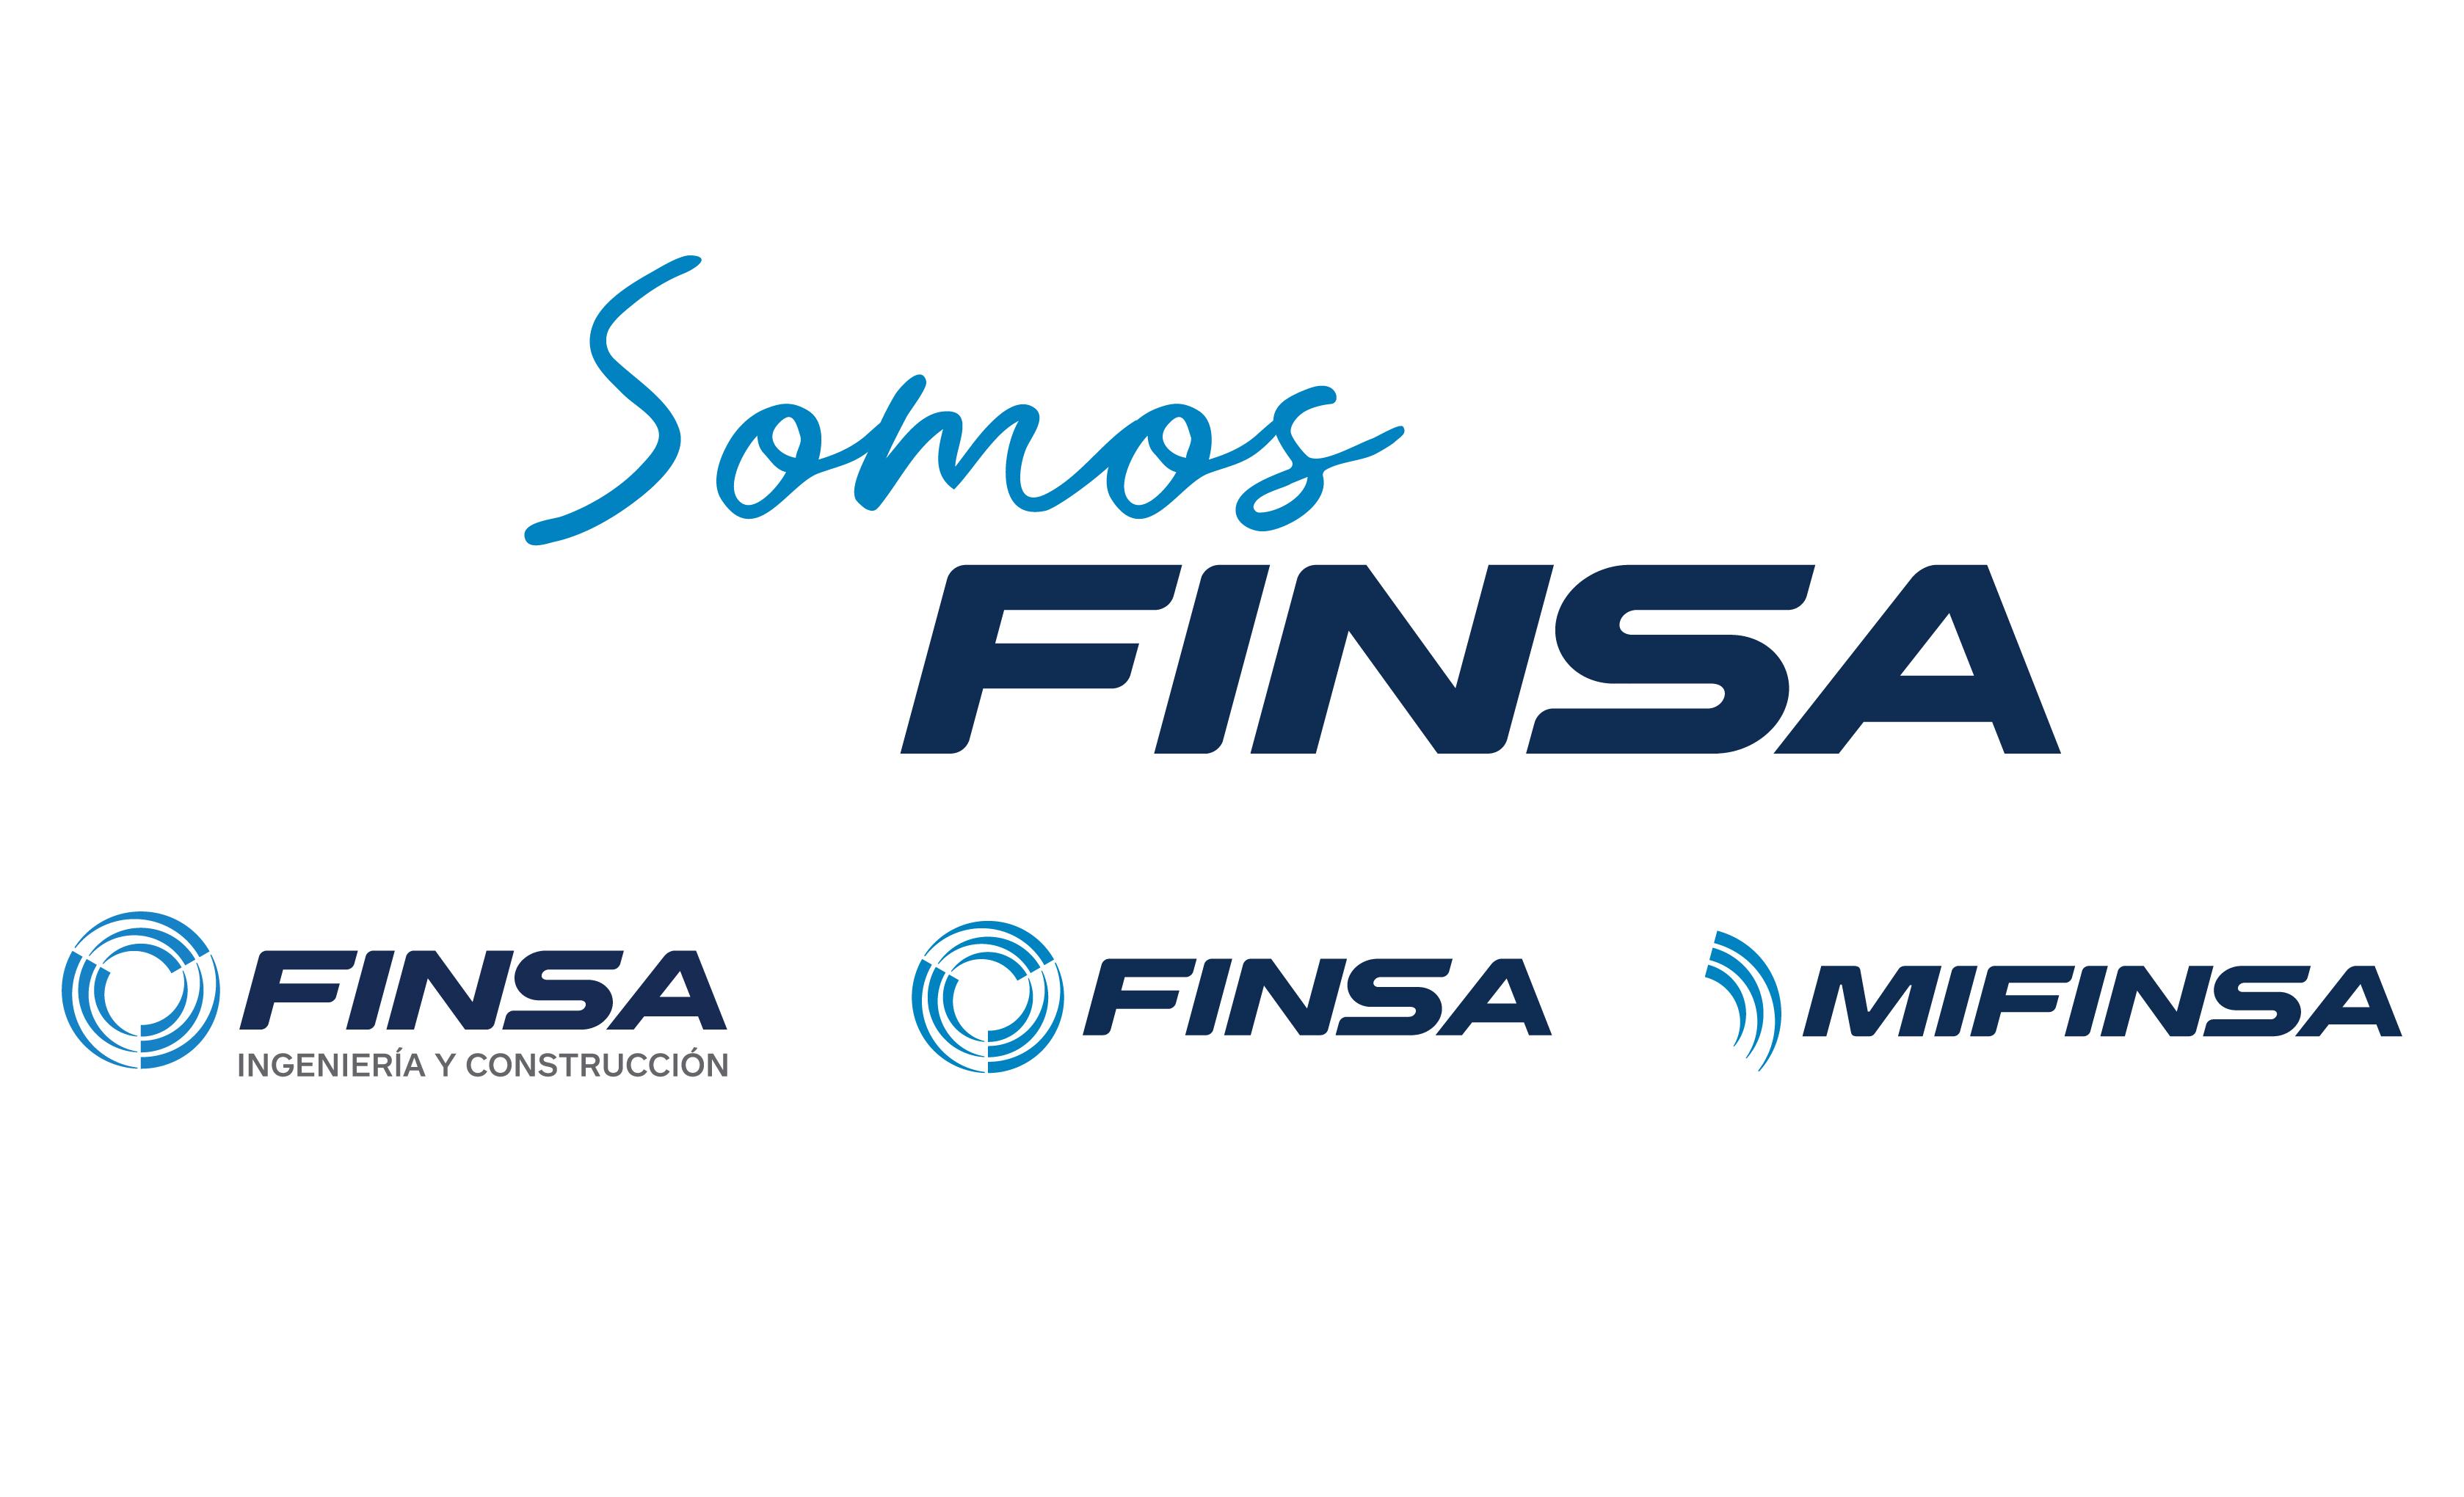 Logos-Blog-Somos-FINSA-01-1